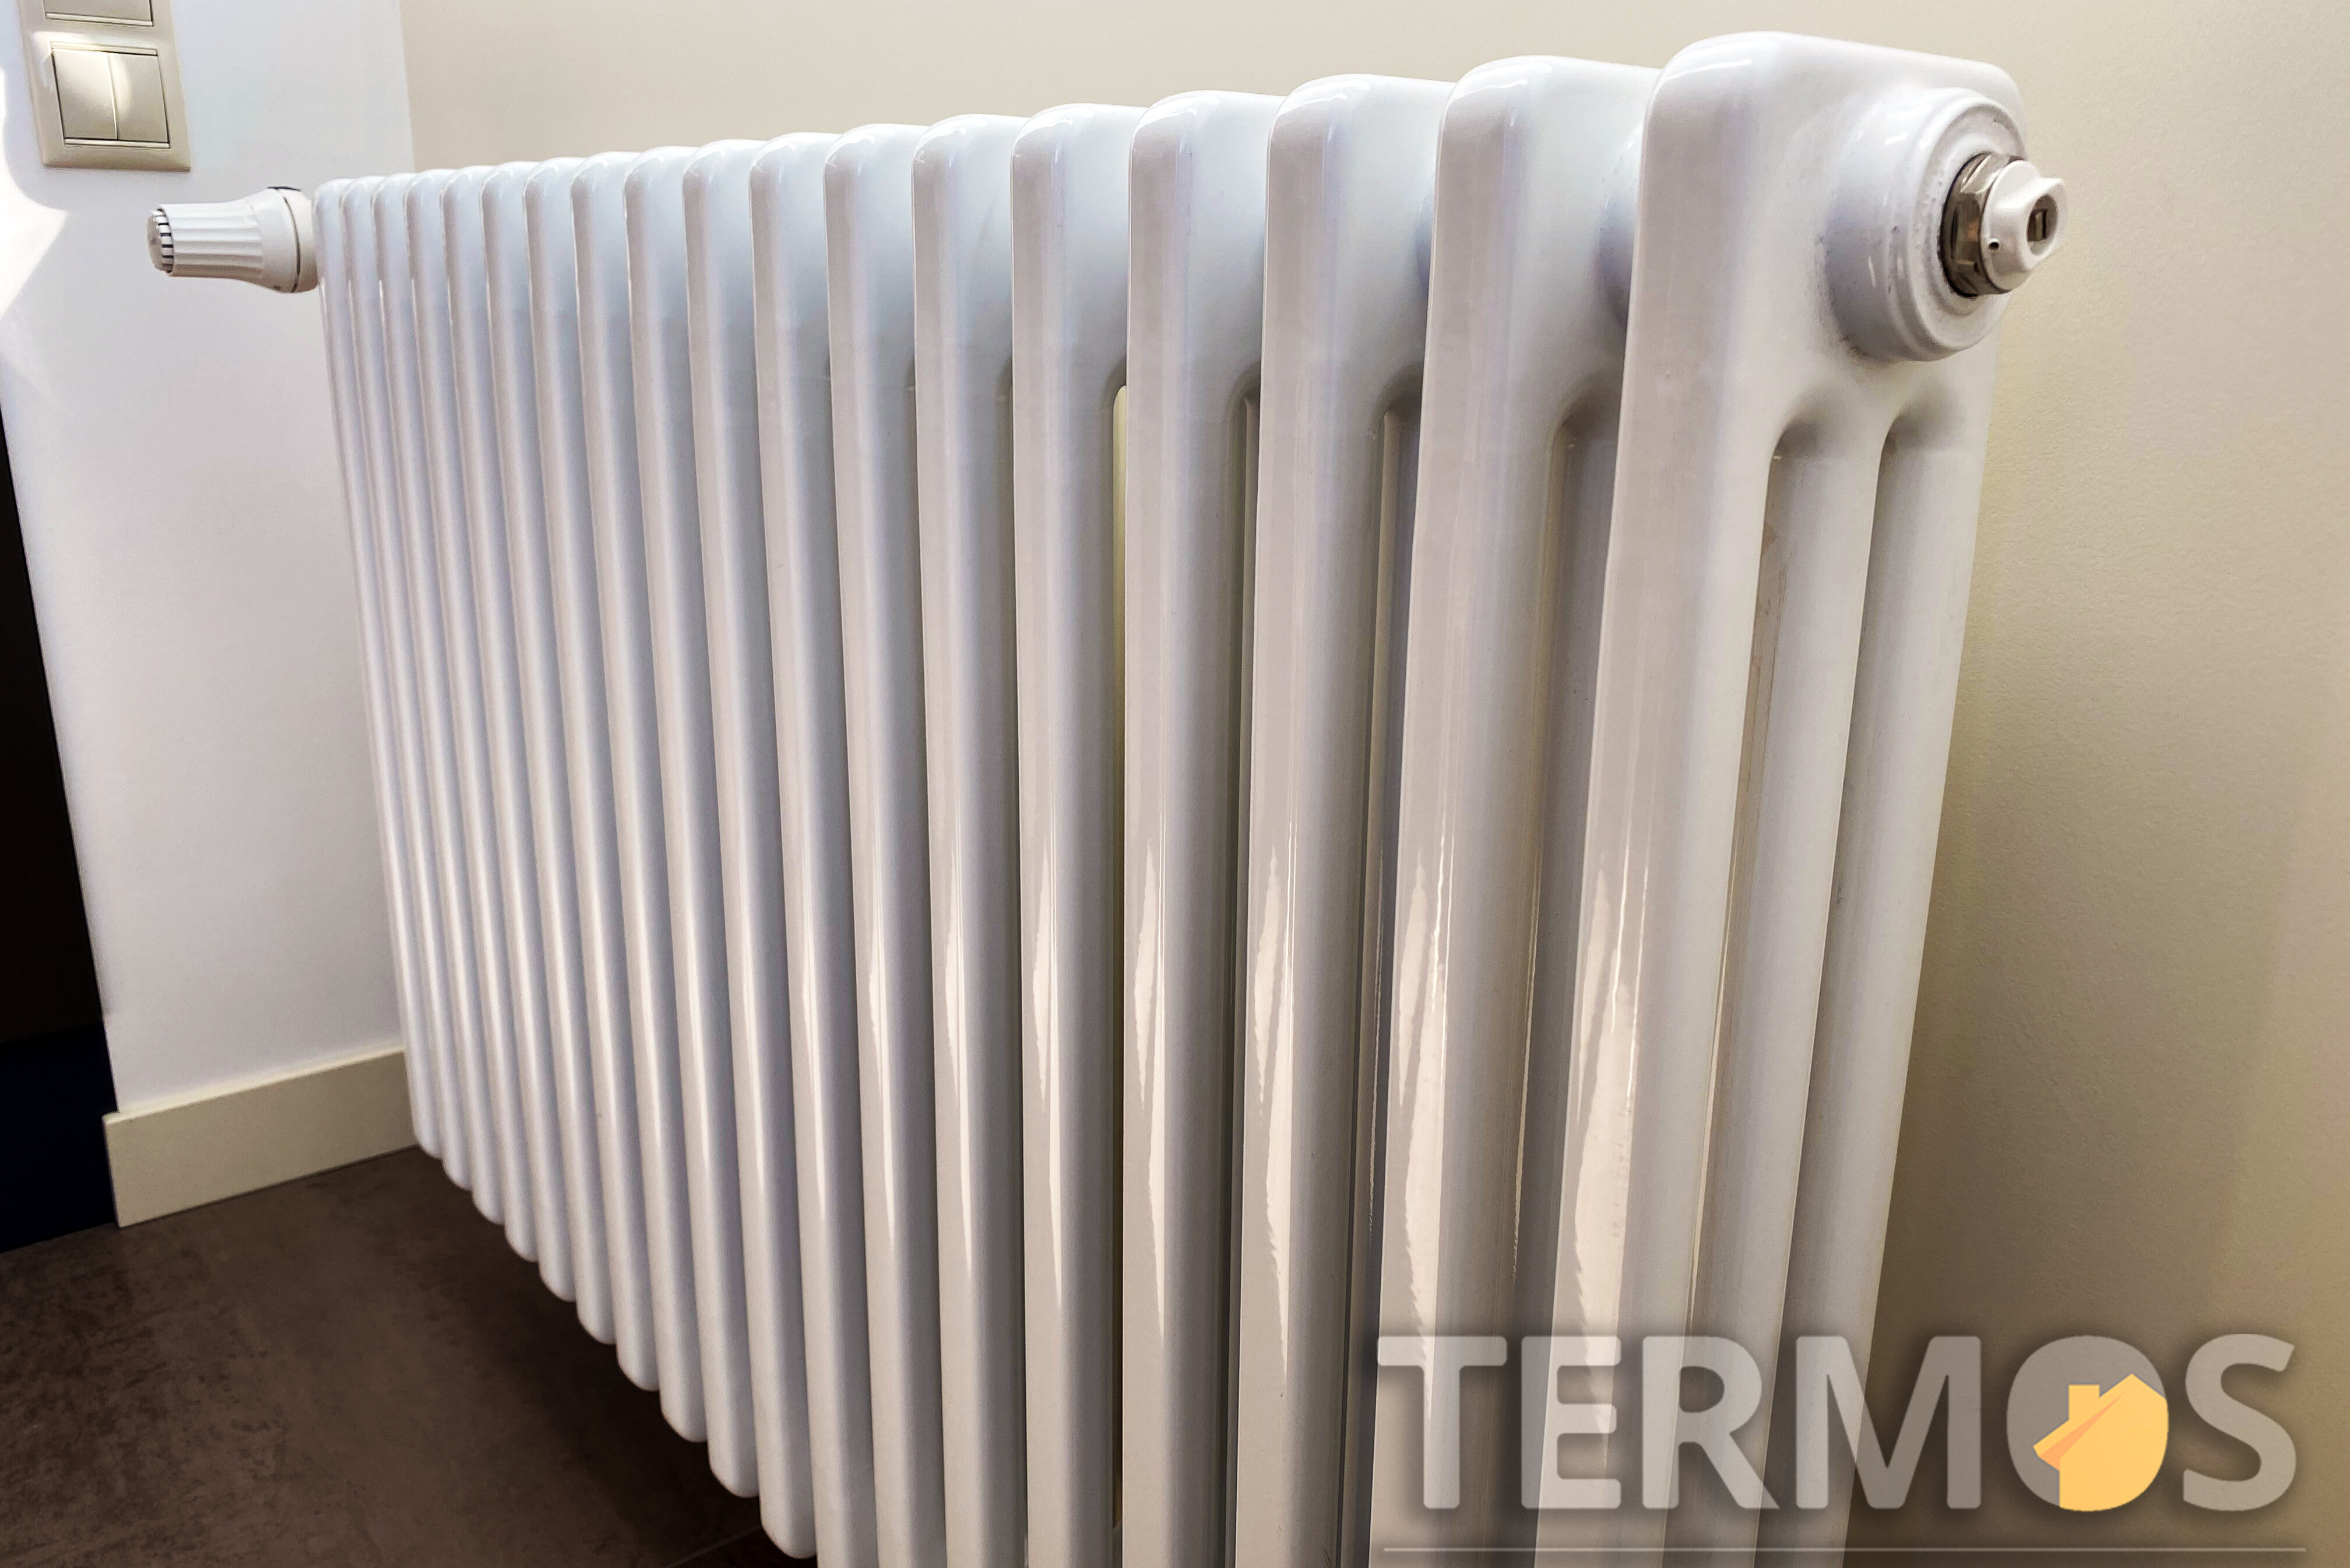 Трубчатые радиаторы могут иметь различное количество труб в глубину